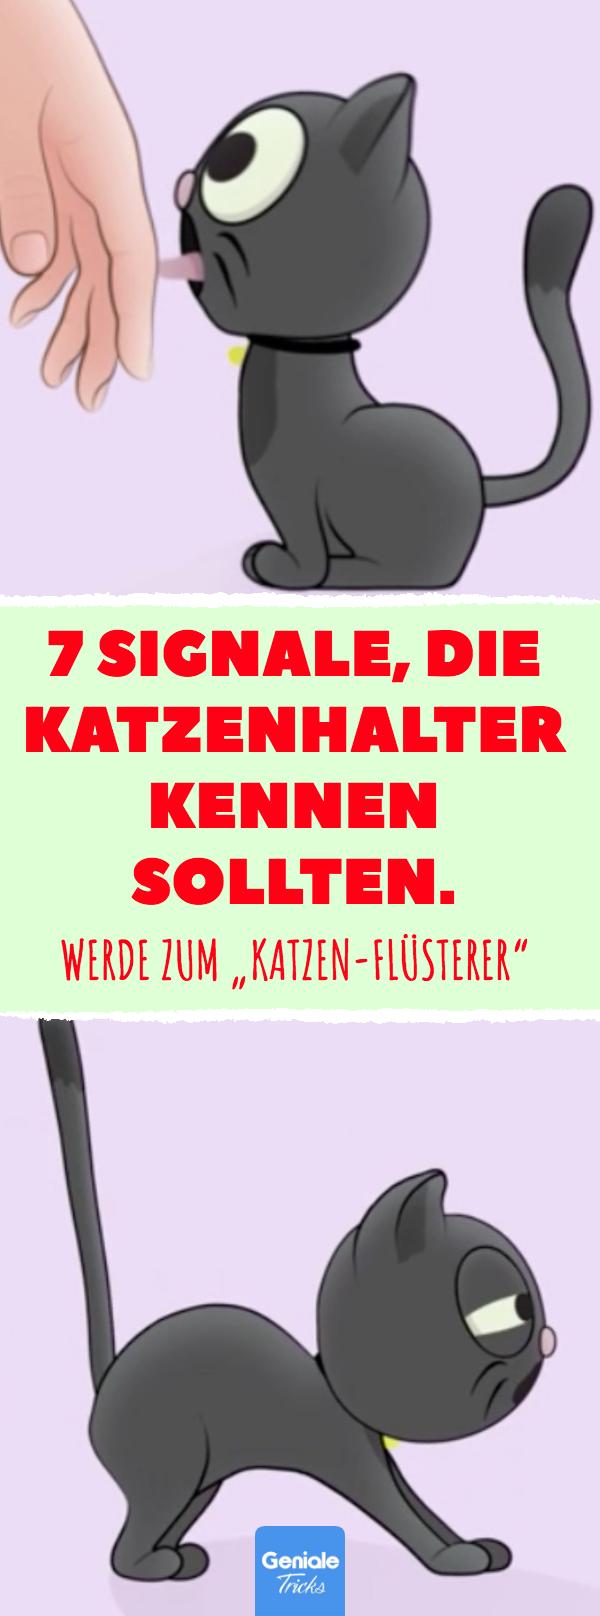 """7 Signale, die Katzenhalter kennen sollten. Werde zum """"Katzen-Flüsterer"""". Körpersprache und Verhalten: 7 Signale von Katzen, die Besitzer kennen sollten. Achte auf die Signale! #katzen #körpersprache #verhalten #signale #haustiere #tiere #wissen"""